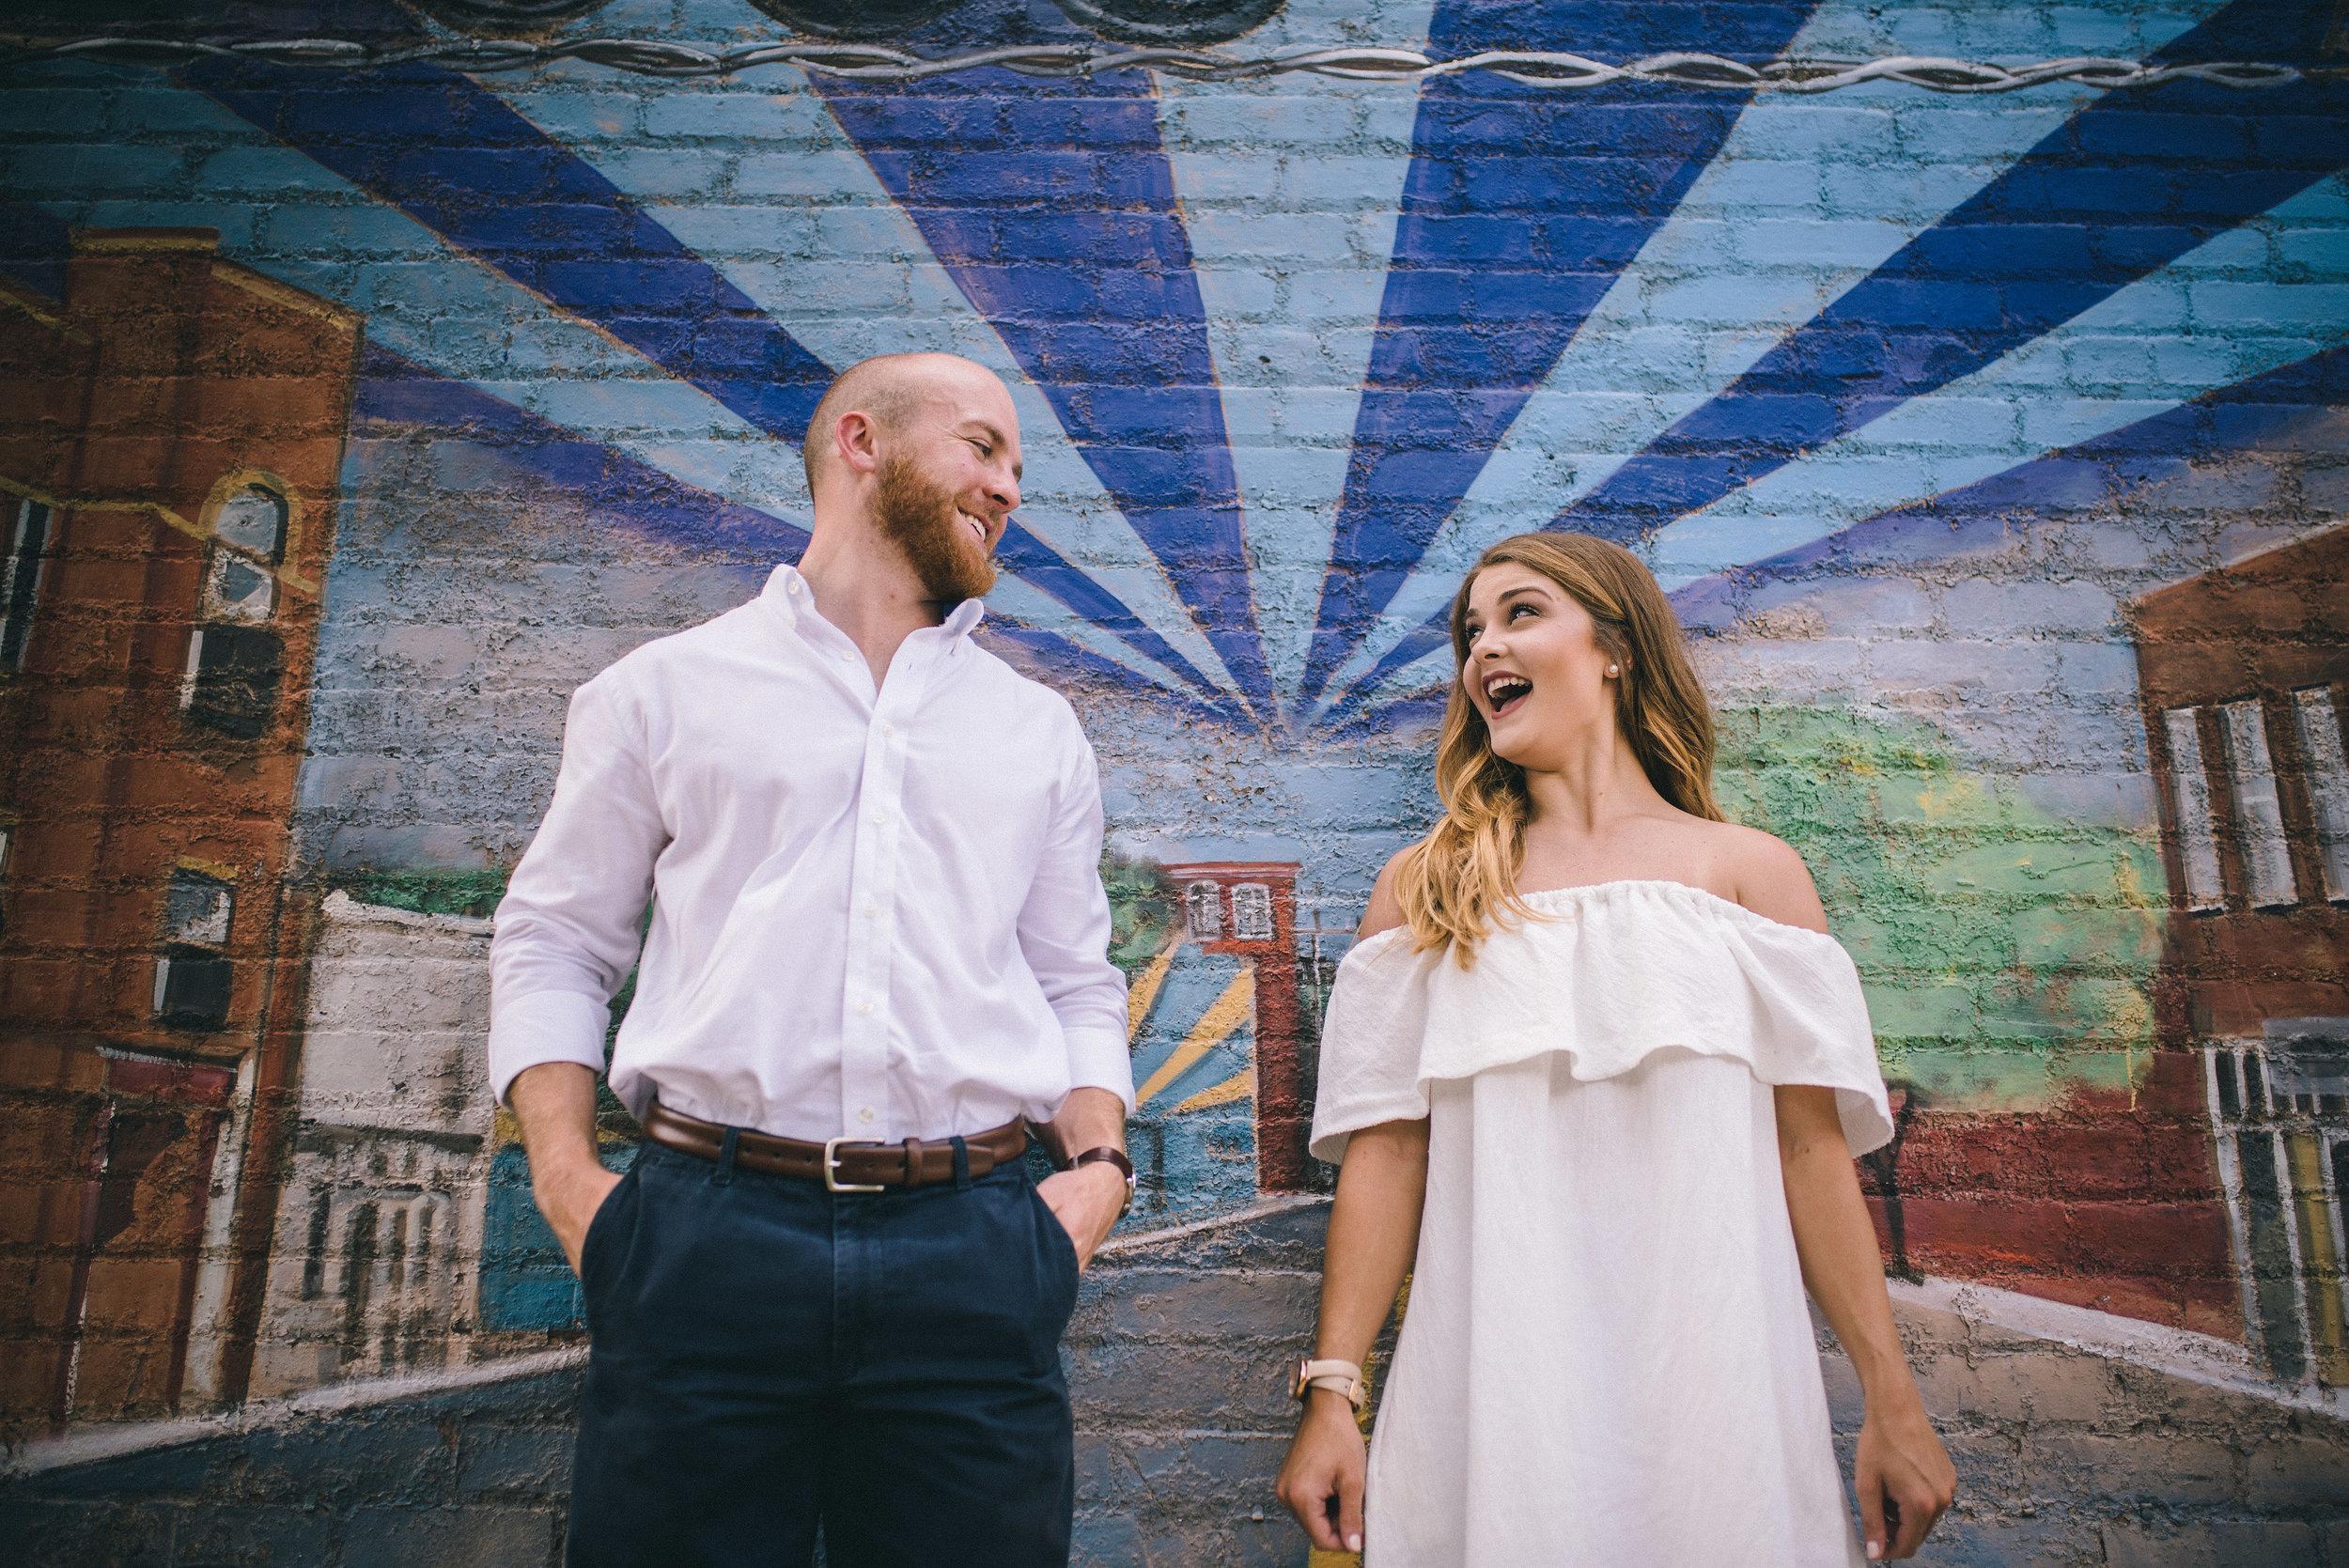 Charlotte Wedding Photography - NoDa Engagement - North Carolina Wedding Photography